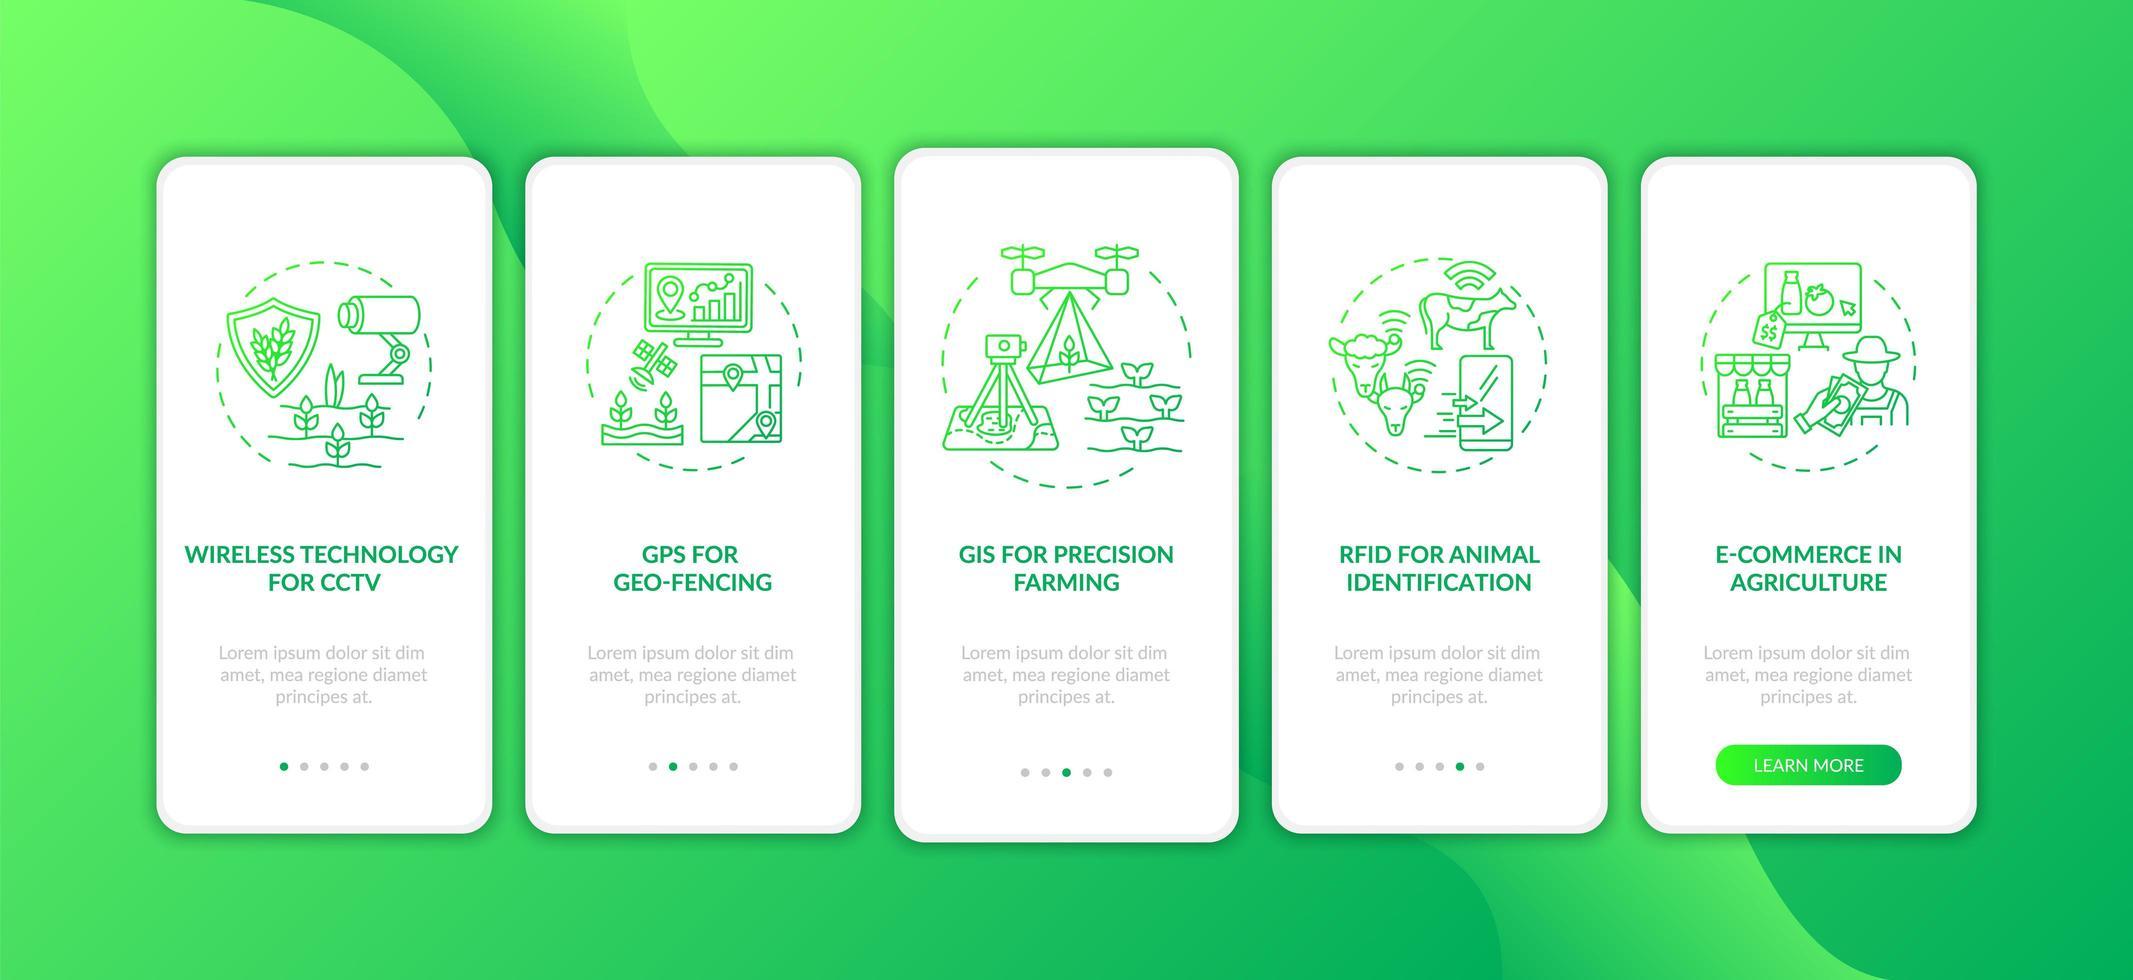 tecnología de la información en la agricultura, incorporación de la pantalla de la página de la aplicación móvil con conceptos vector